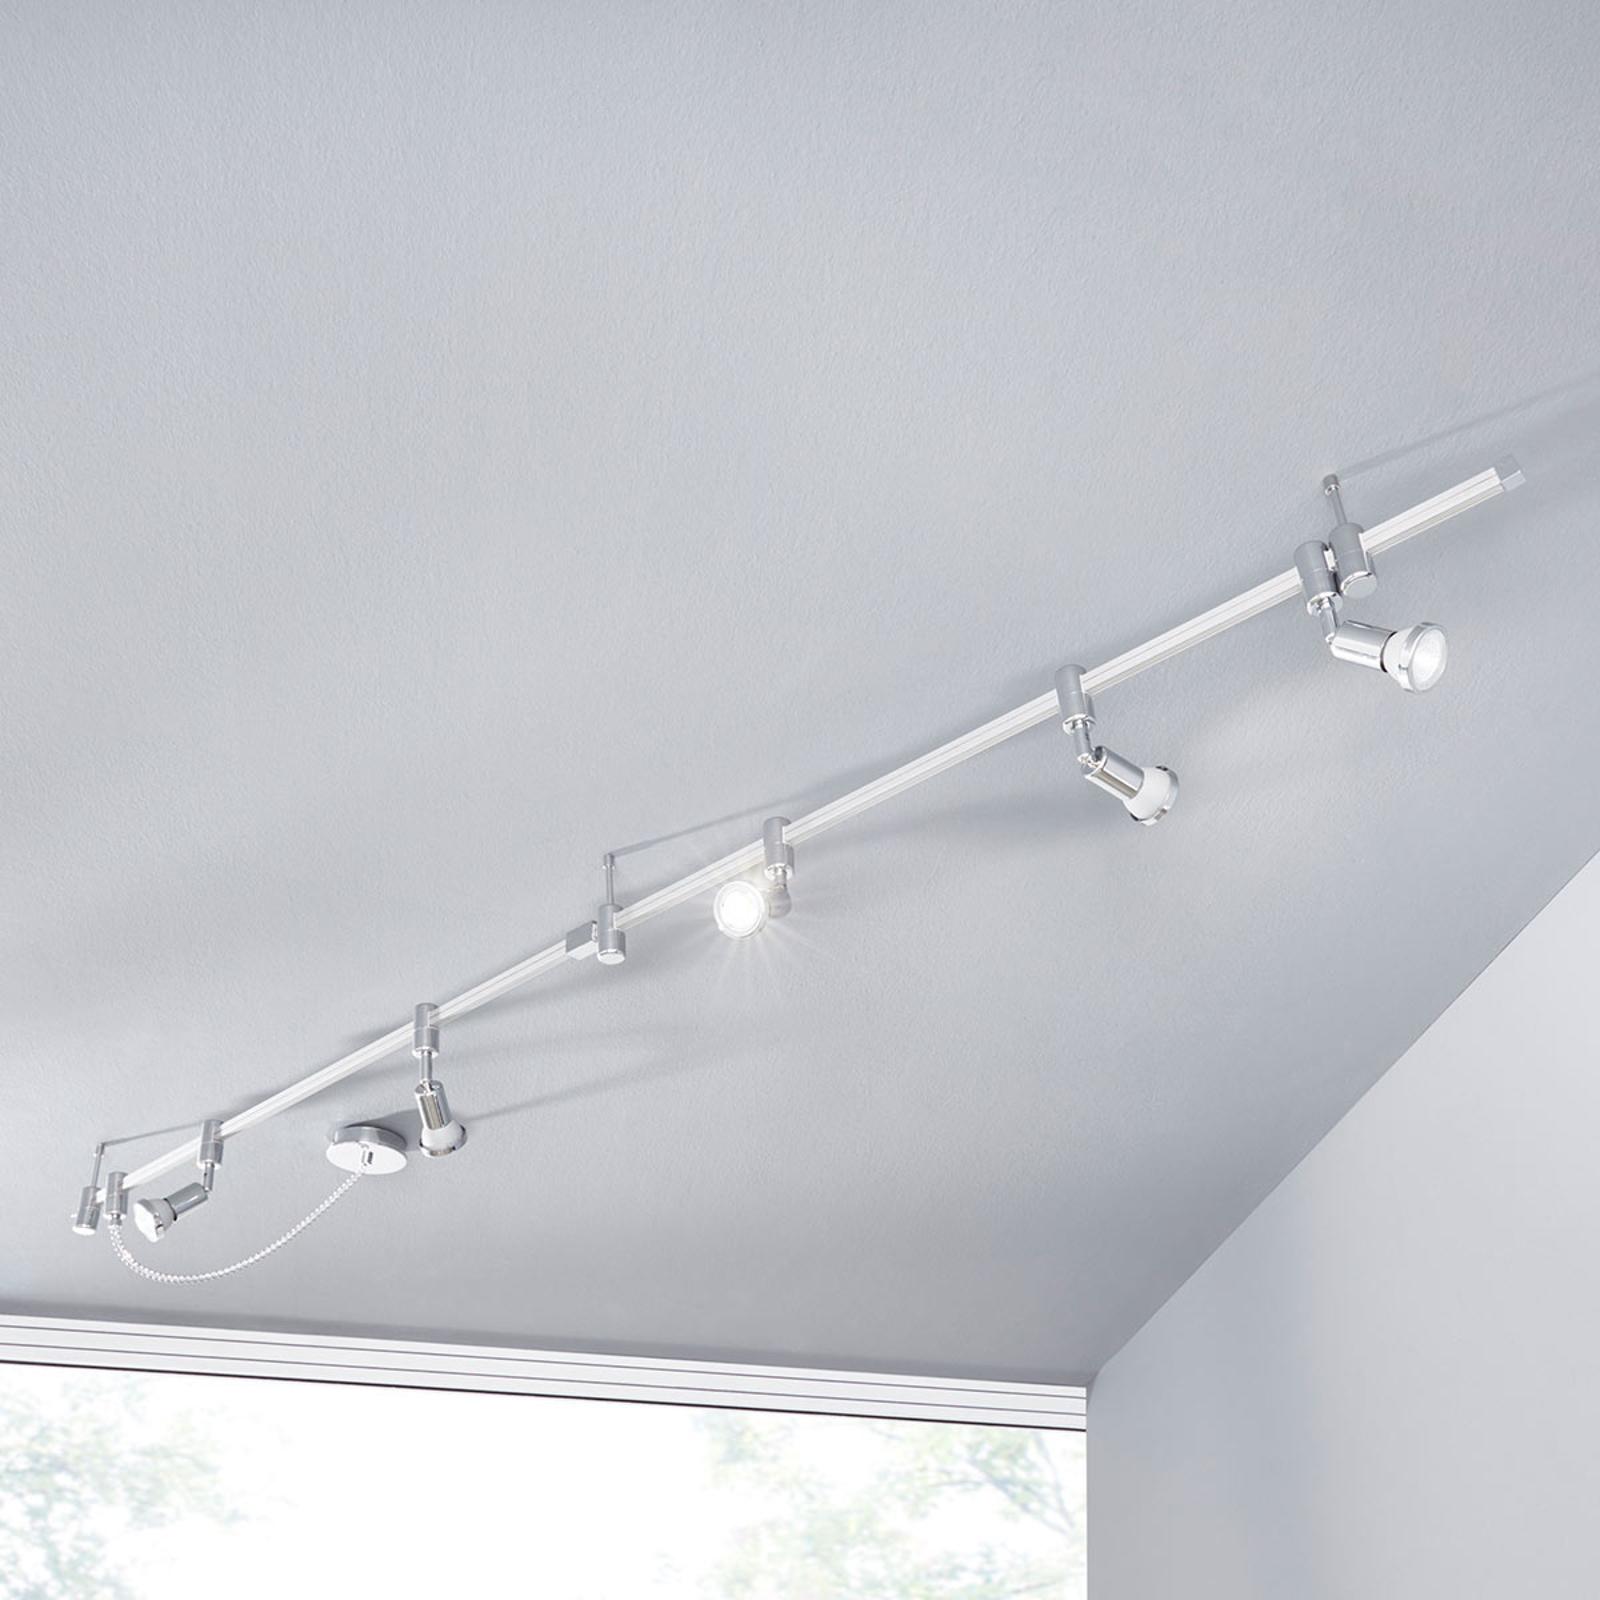 Dimbar LED-skenspotlight Marwa, 5 ljuskällor